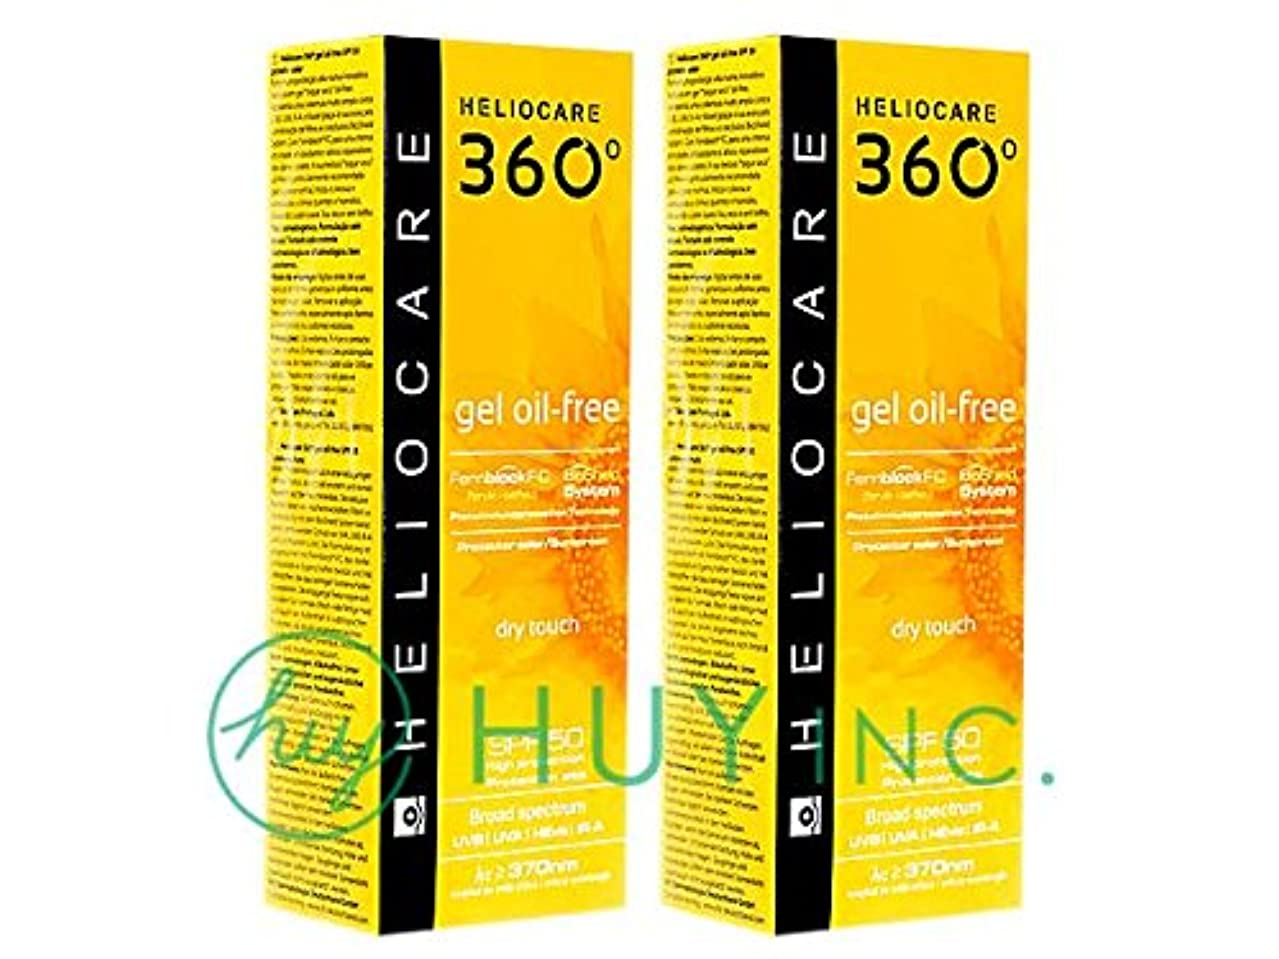 ベンチ七面鳥ふさわしいヘリオケア 360°ジェルオイルフリー(Heliocare360GelOil-Free)SPF50 2ボトル(50ml×2) [並行輸入品]